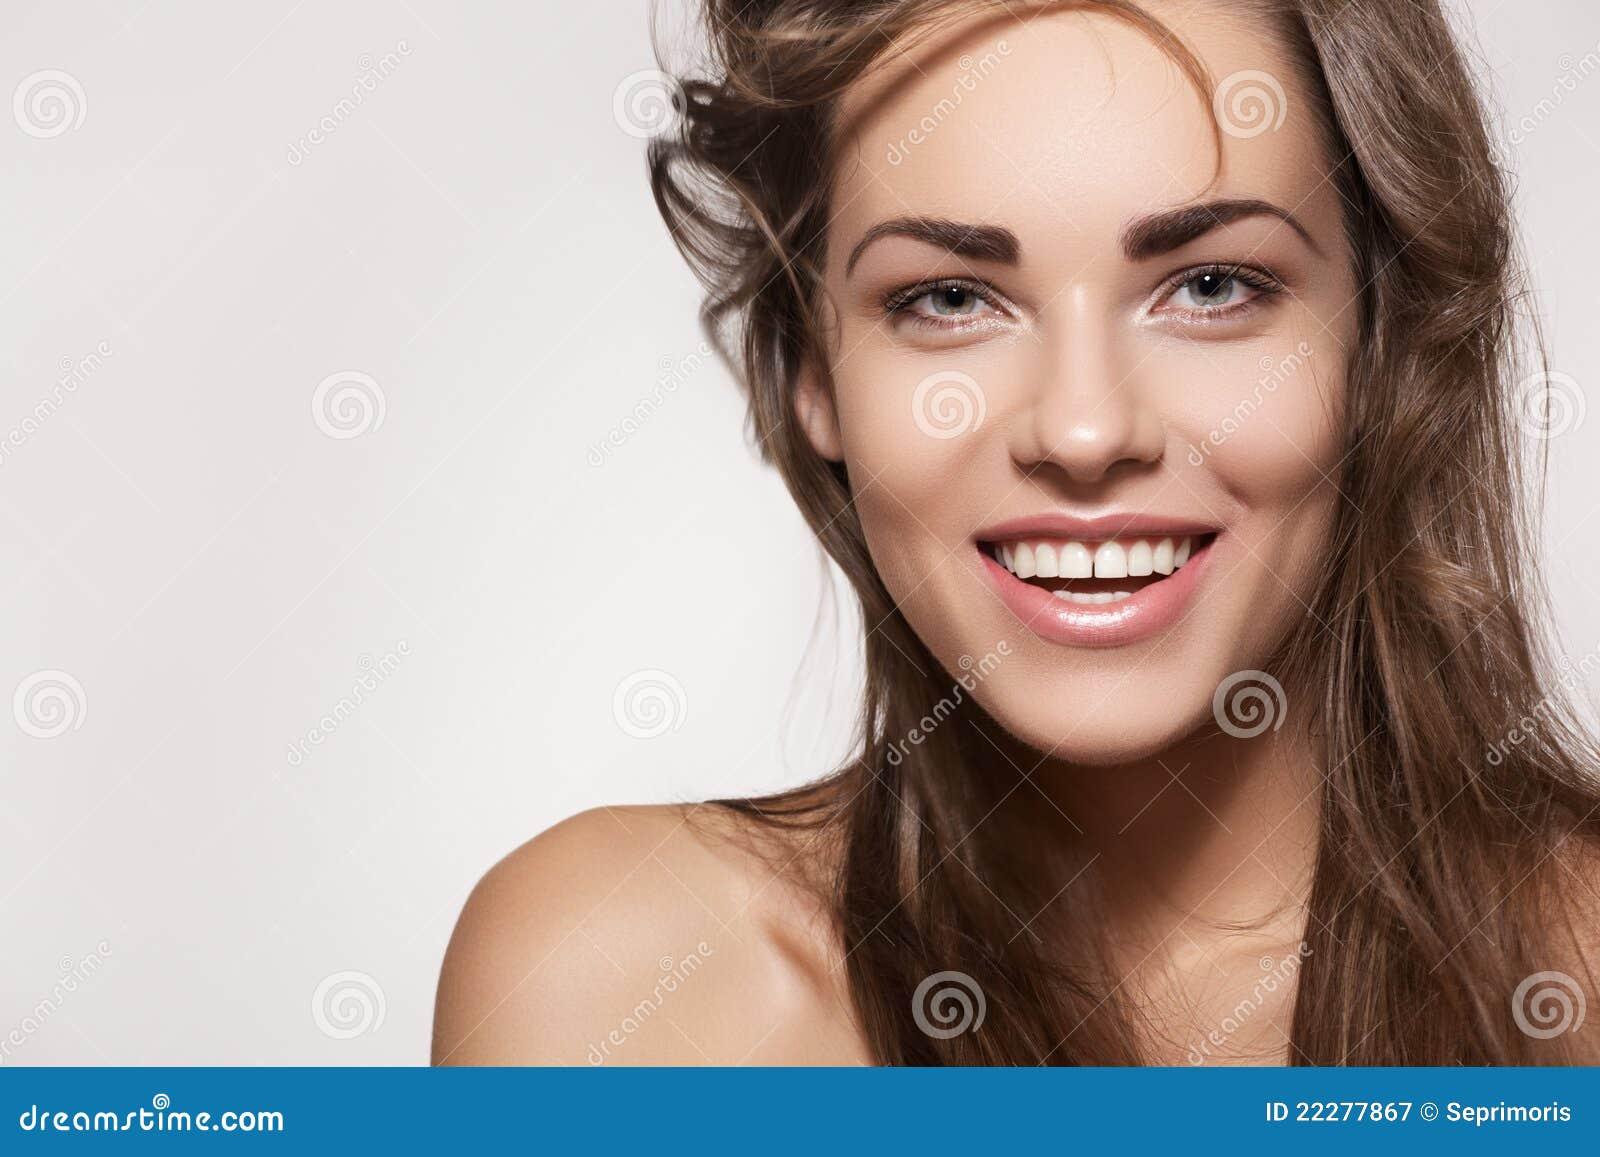 pretty cute smile of - photo #24